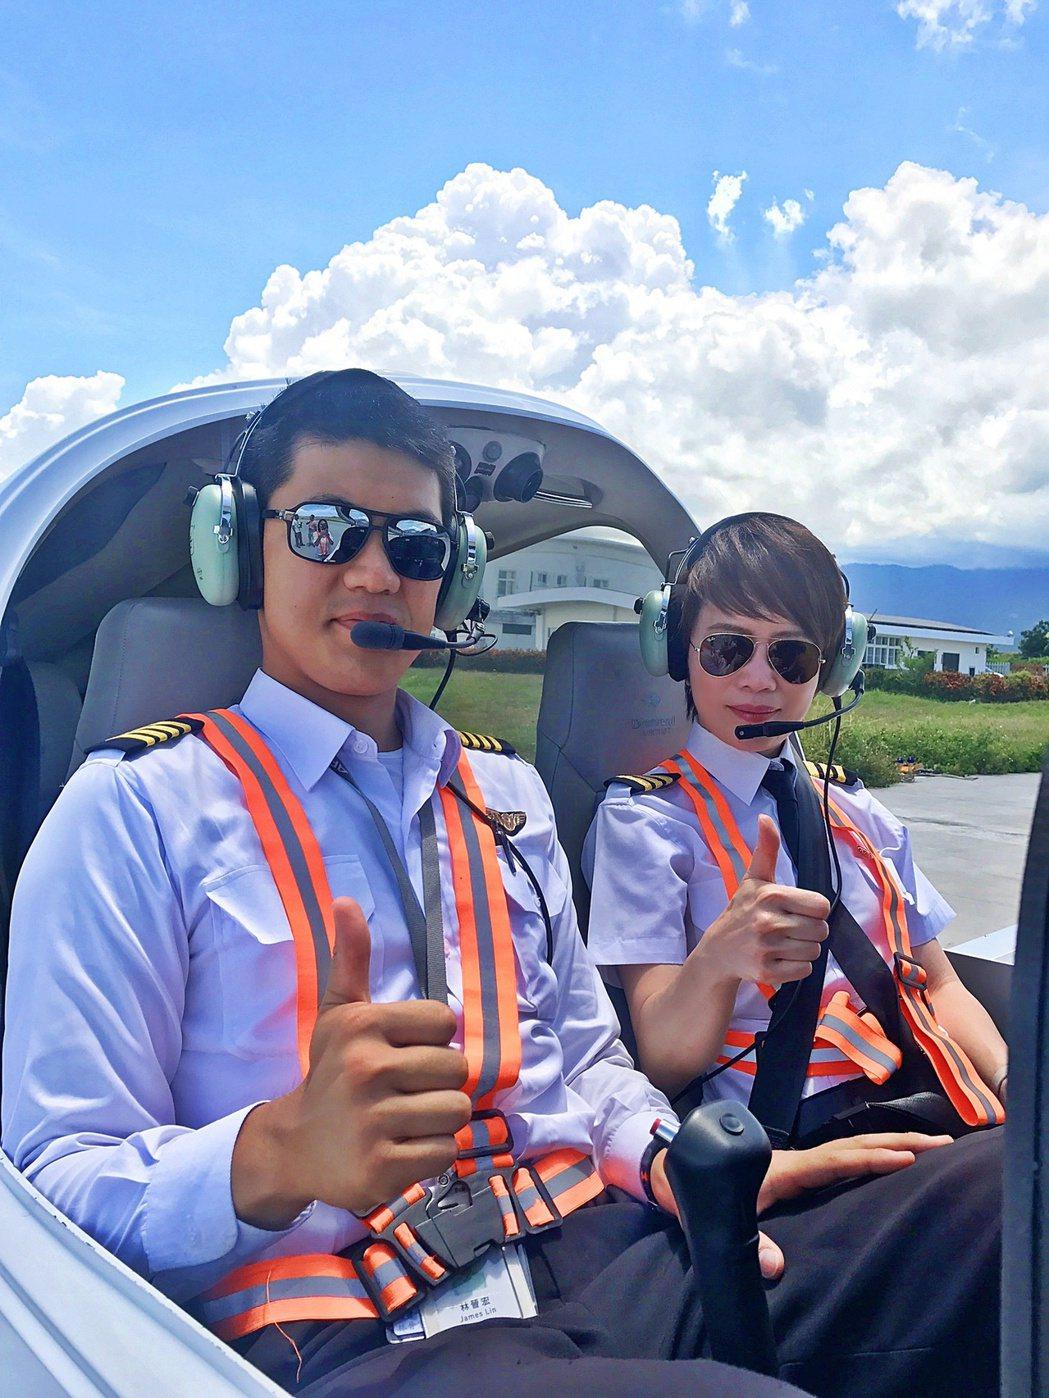 壹電視主播陳雅琳(右)學開飛機。圖/壹電視提供